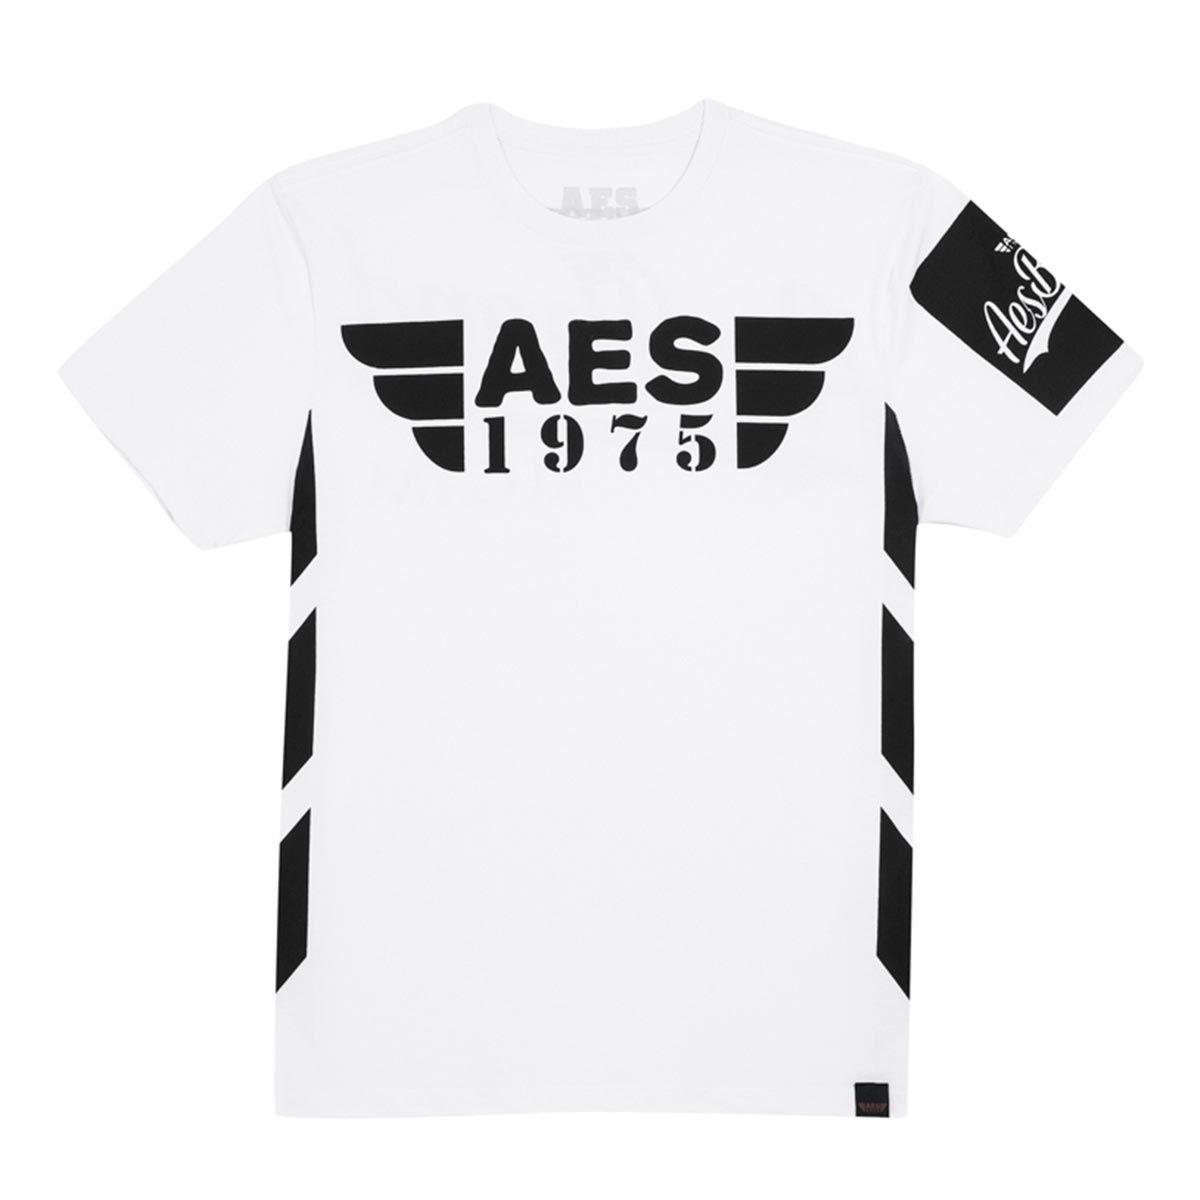 Camiseta AES 1975 Original Brand